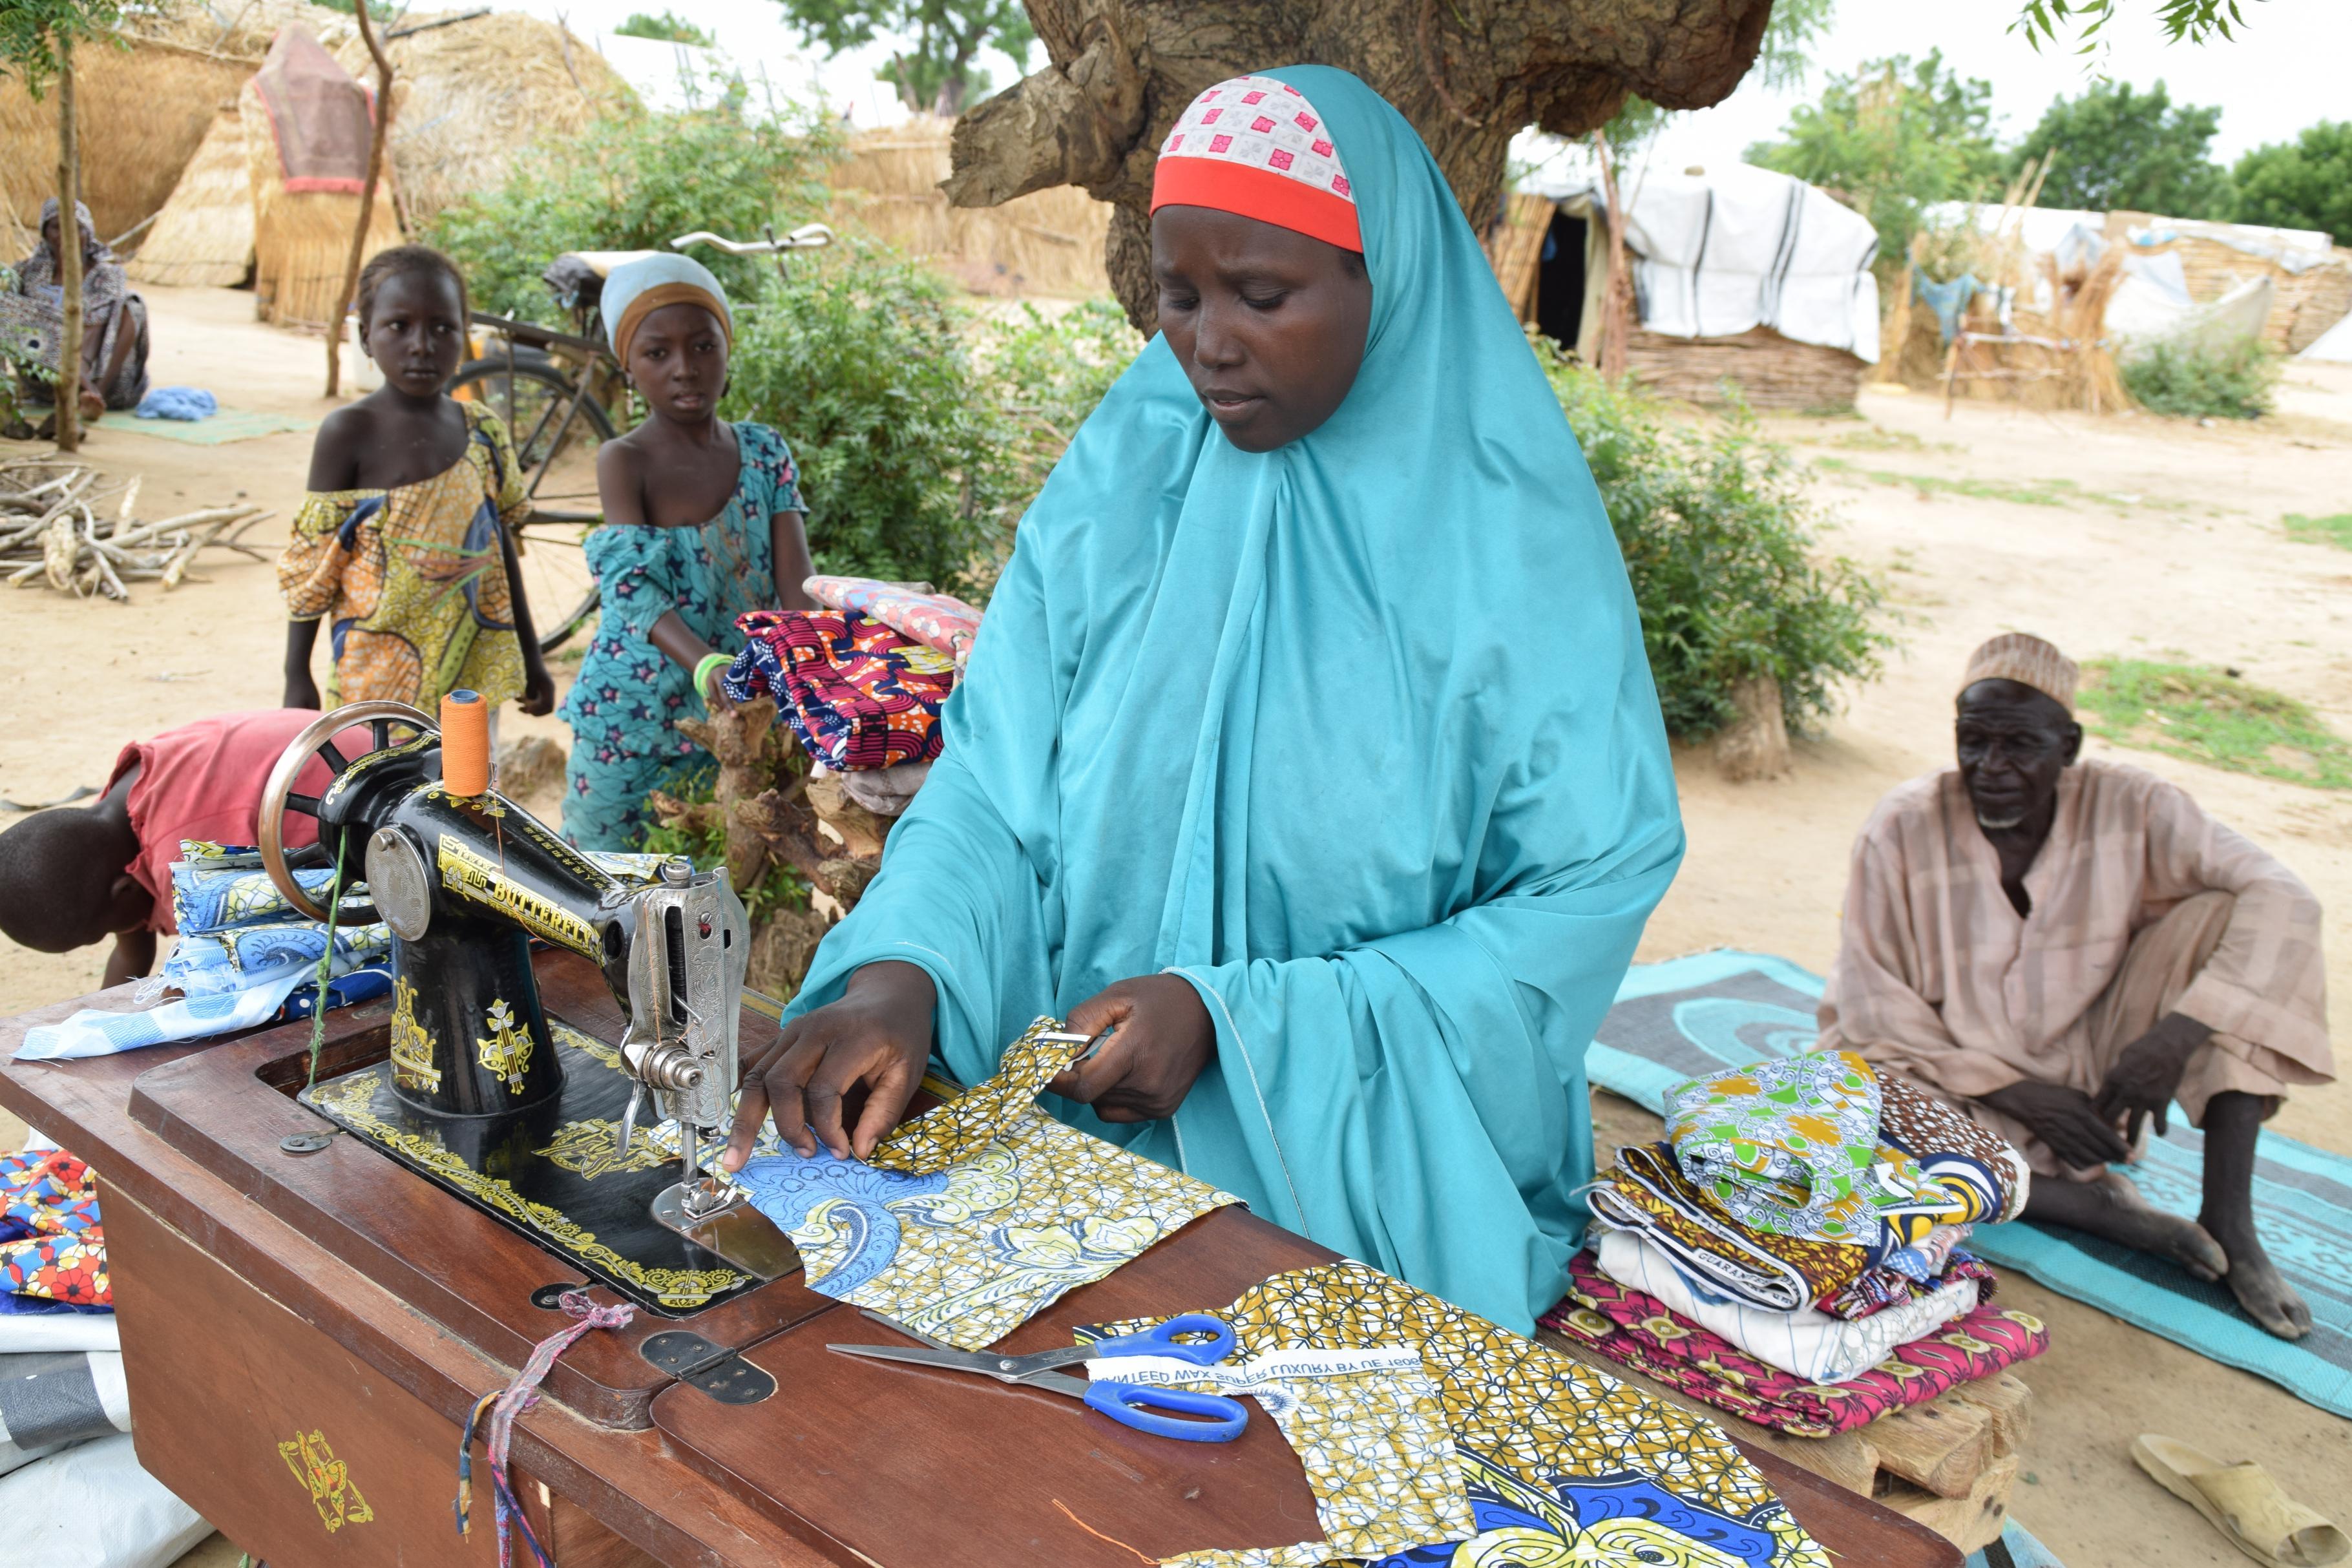 Maryam mit ihrer Nähmaschine in einem Camp in Damboa in Nigeria